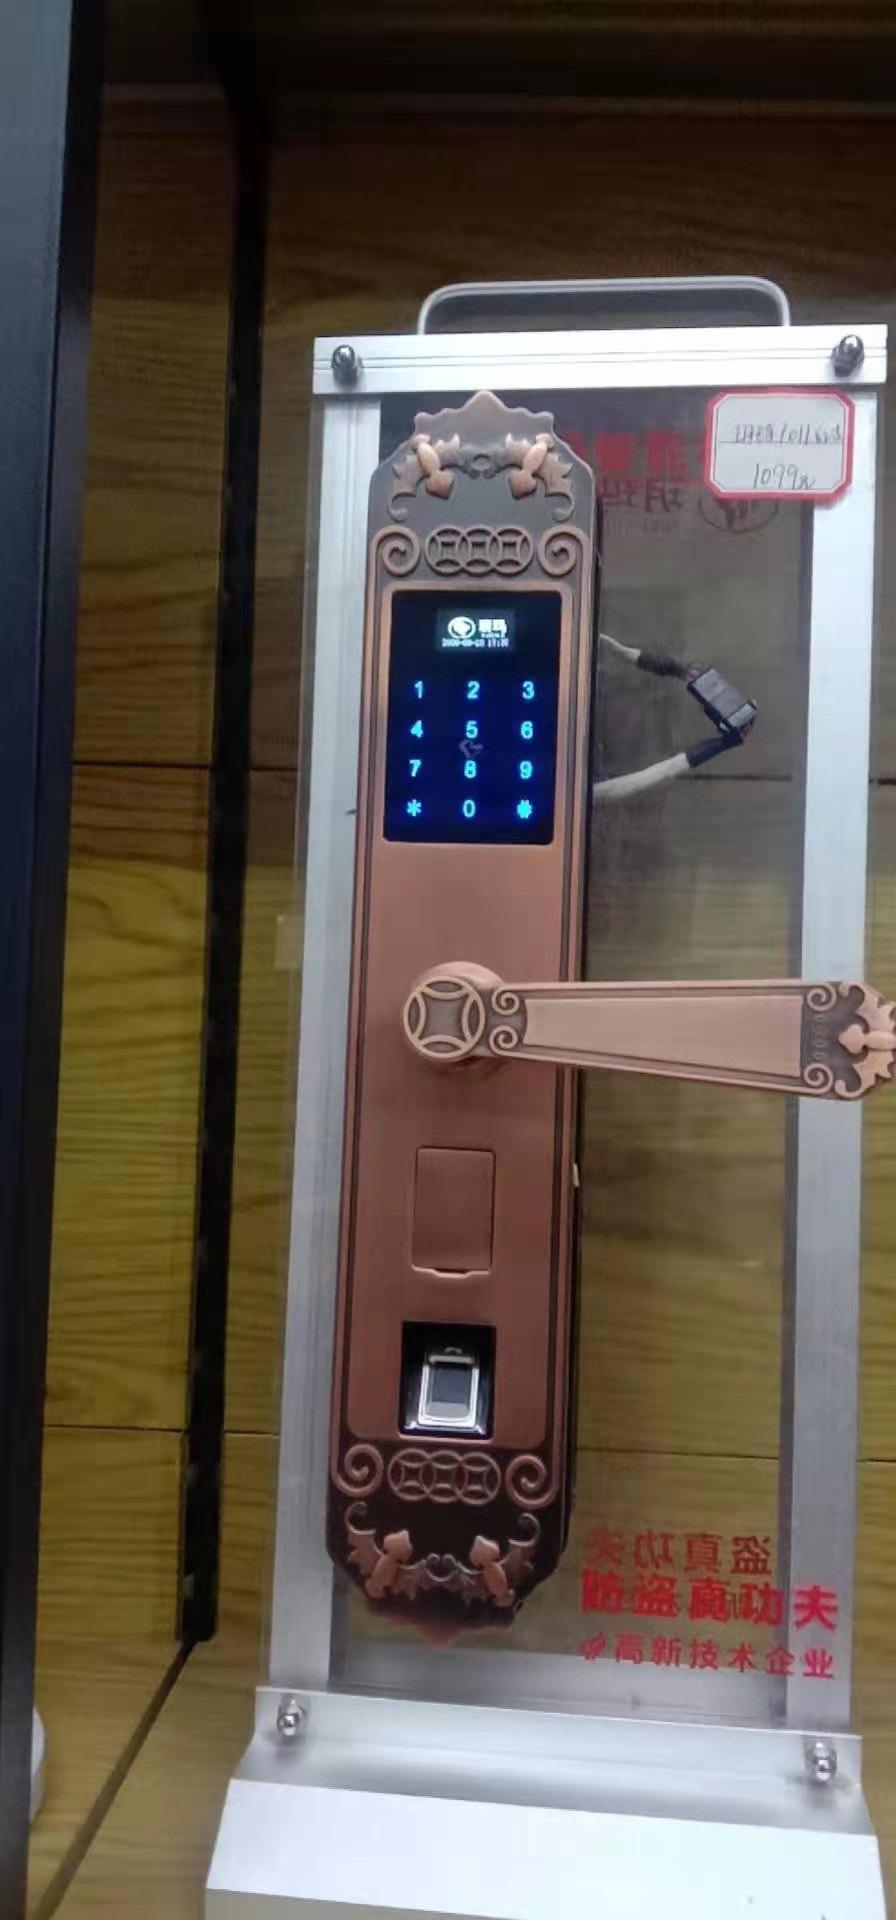 换锁芯和换锁有什么区别?沈丘换锁的步骤是怎样的?-- 沈丘金诚锁业店